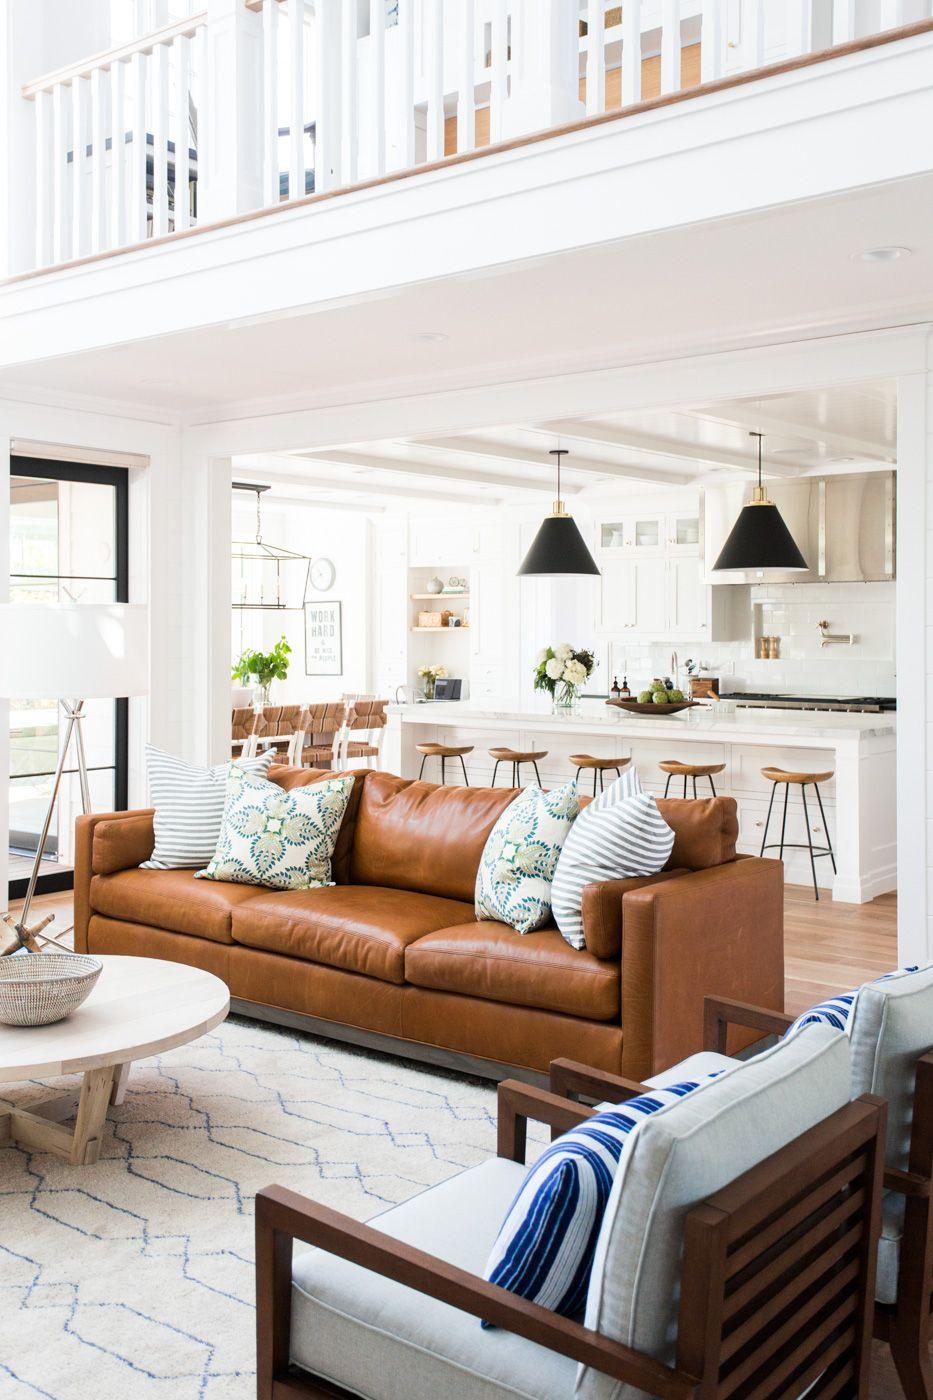 Blanco Interiores Vivam Os Antes E Os Depois Vivam Home Decor Home Interior